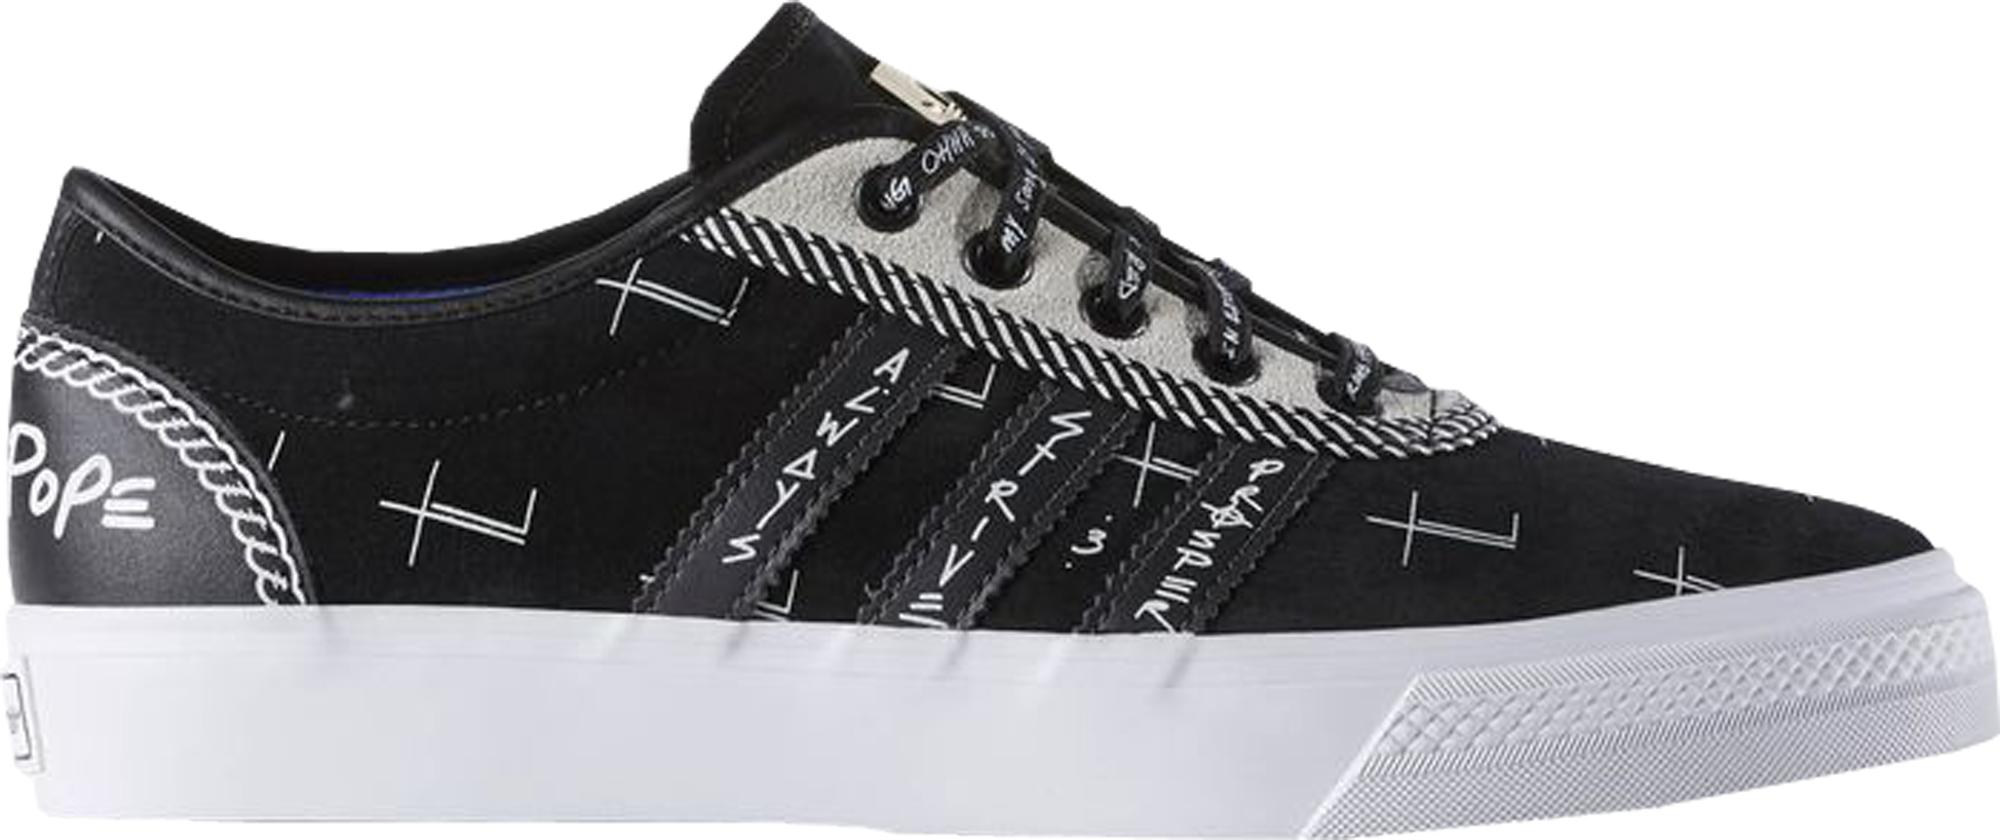 adidas adiEase A$AP Ferg Traplord (Black)